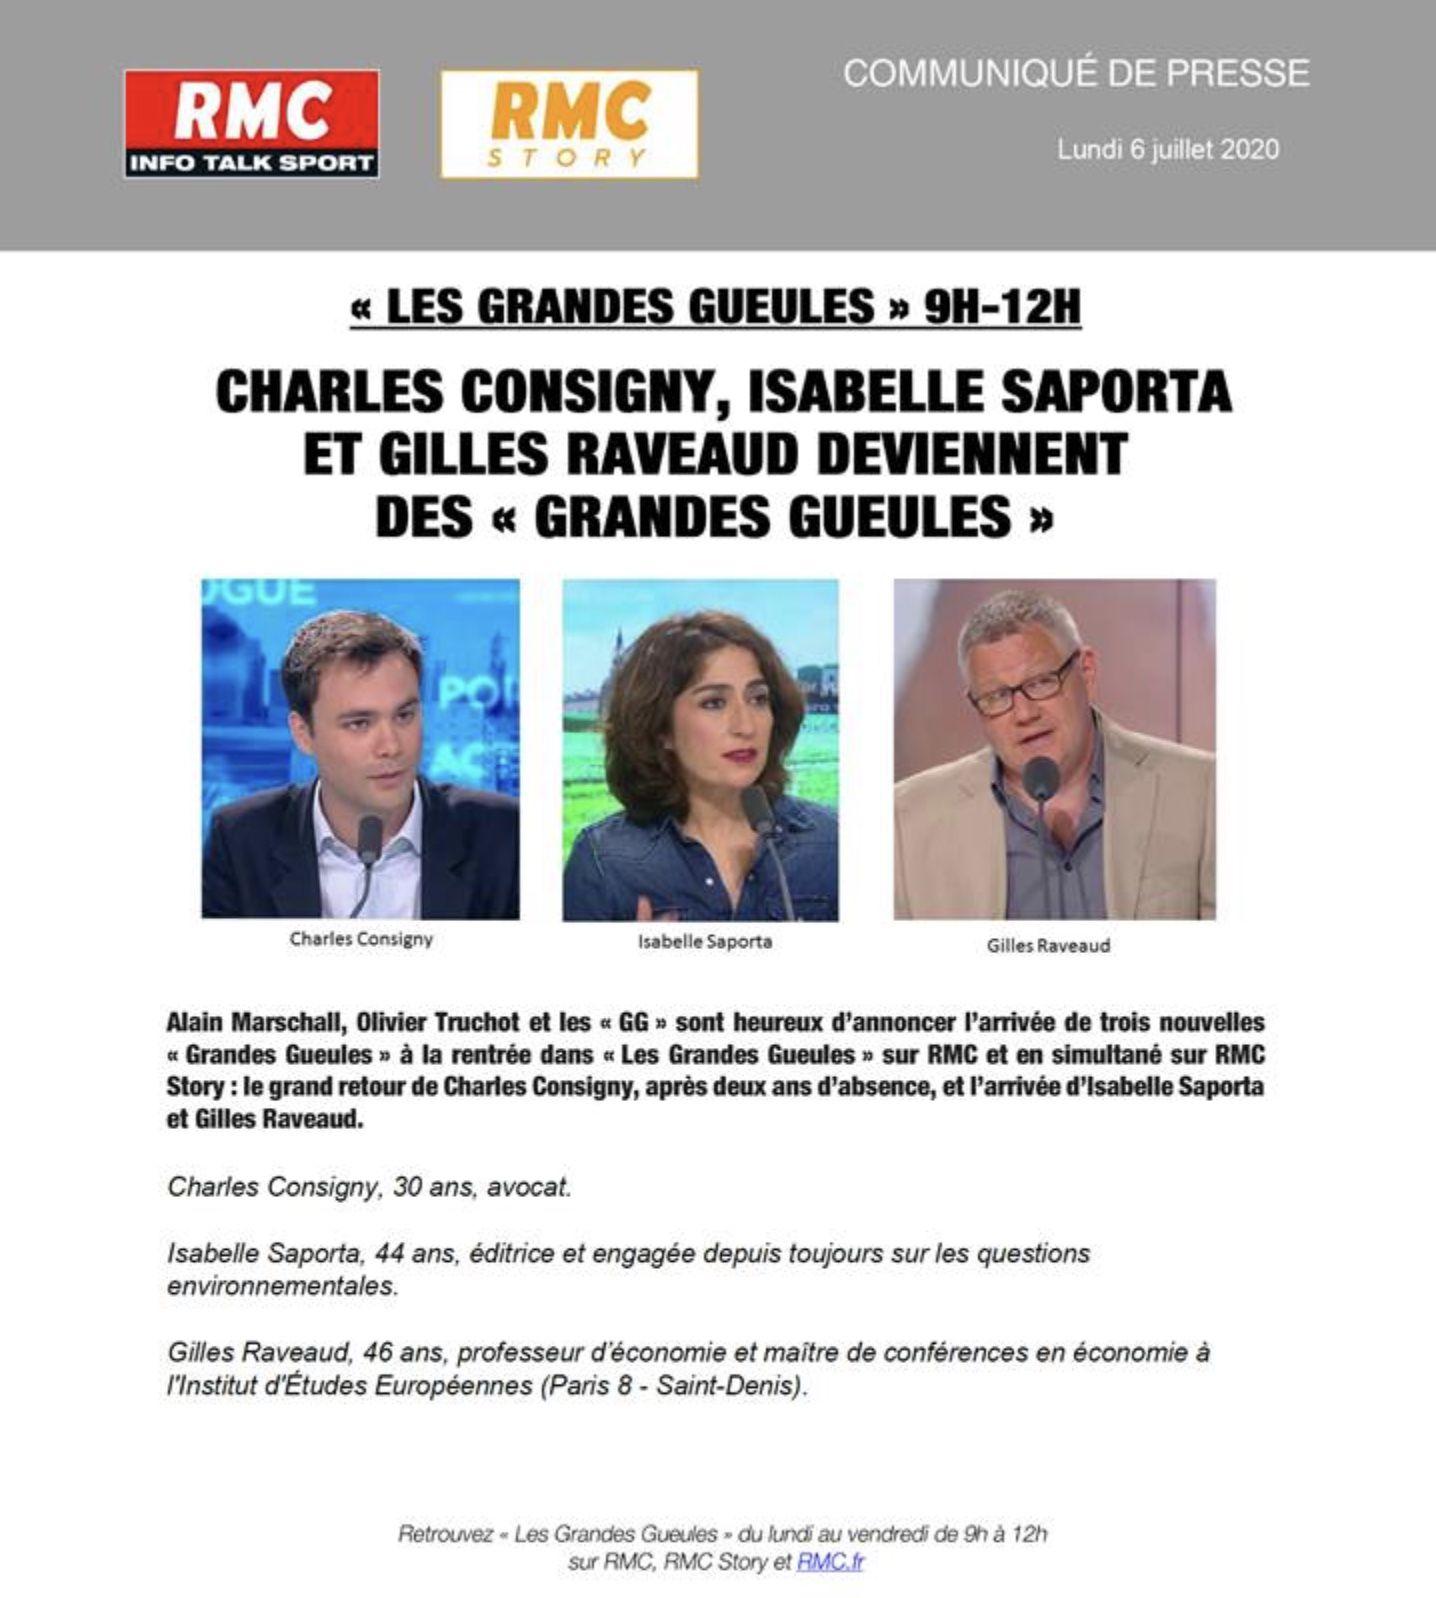 Charles Consigny de nouveau Grande Gueule de RMC la saison prochaine (de même qu'Isabelle Saporta).